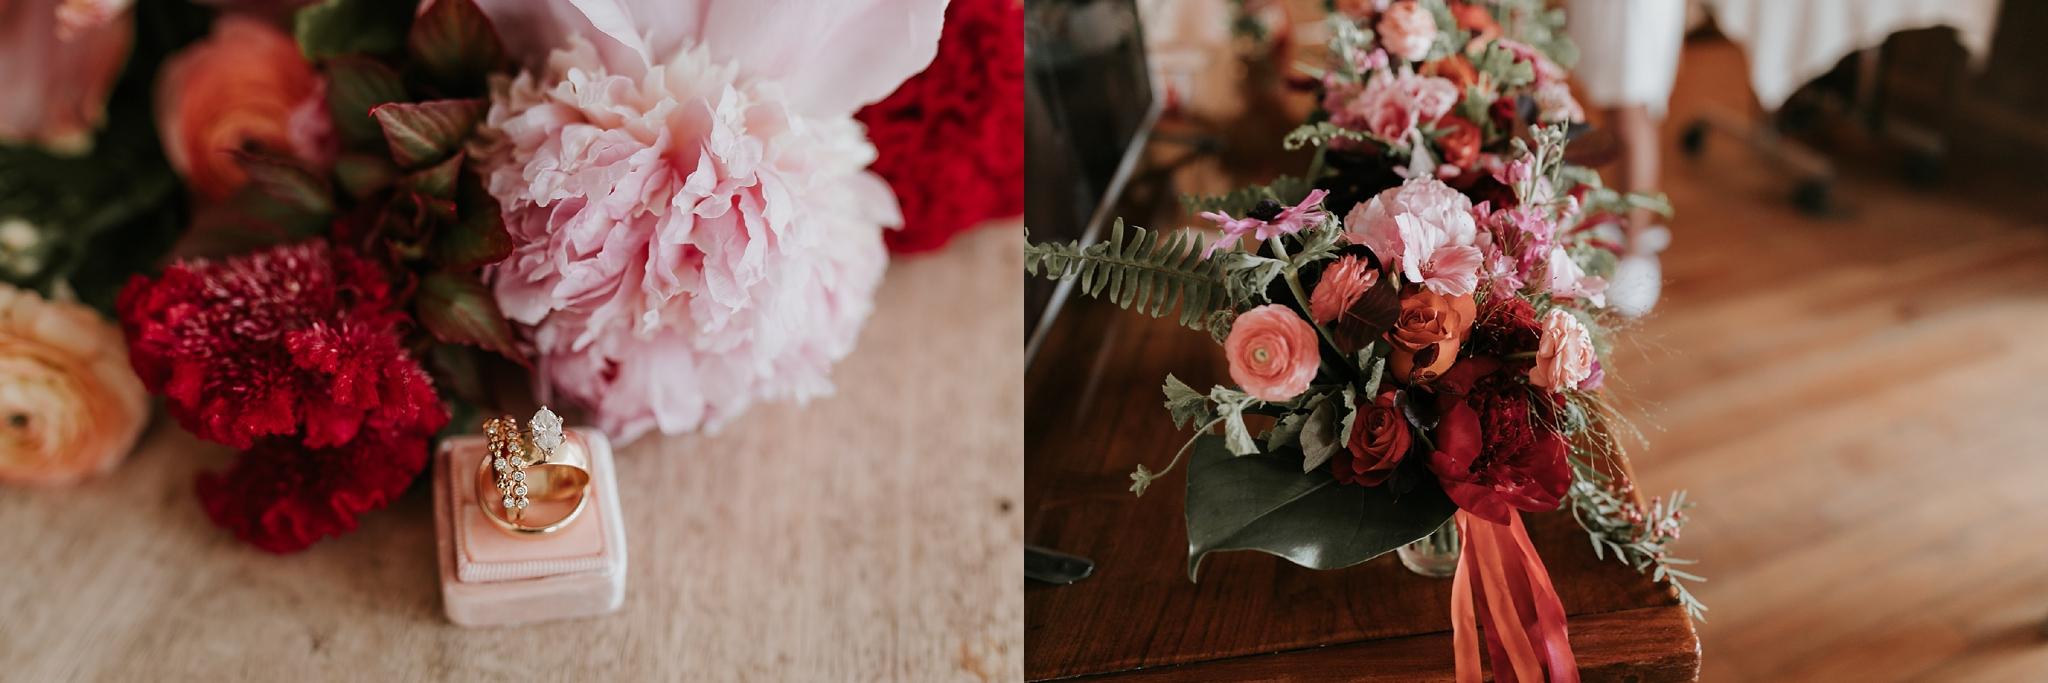 Alicia+lucia+photography+-+albuquerque+wedding+photographer+-+santa+fe+wedding+photography+-+new+mexico+wedding+photographer+-+new+mexico+florist+-+wedding+florist+-+renegade+floral_0026.jpg